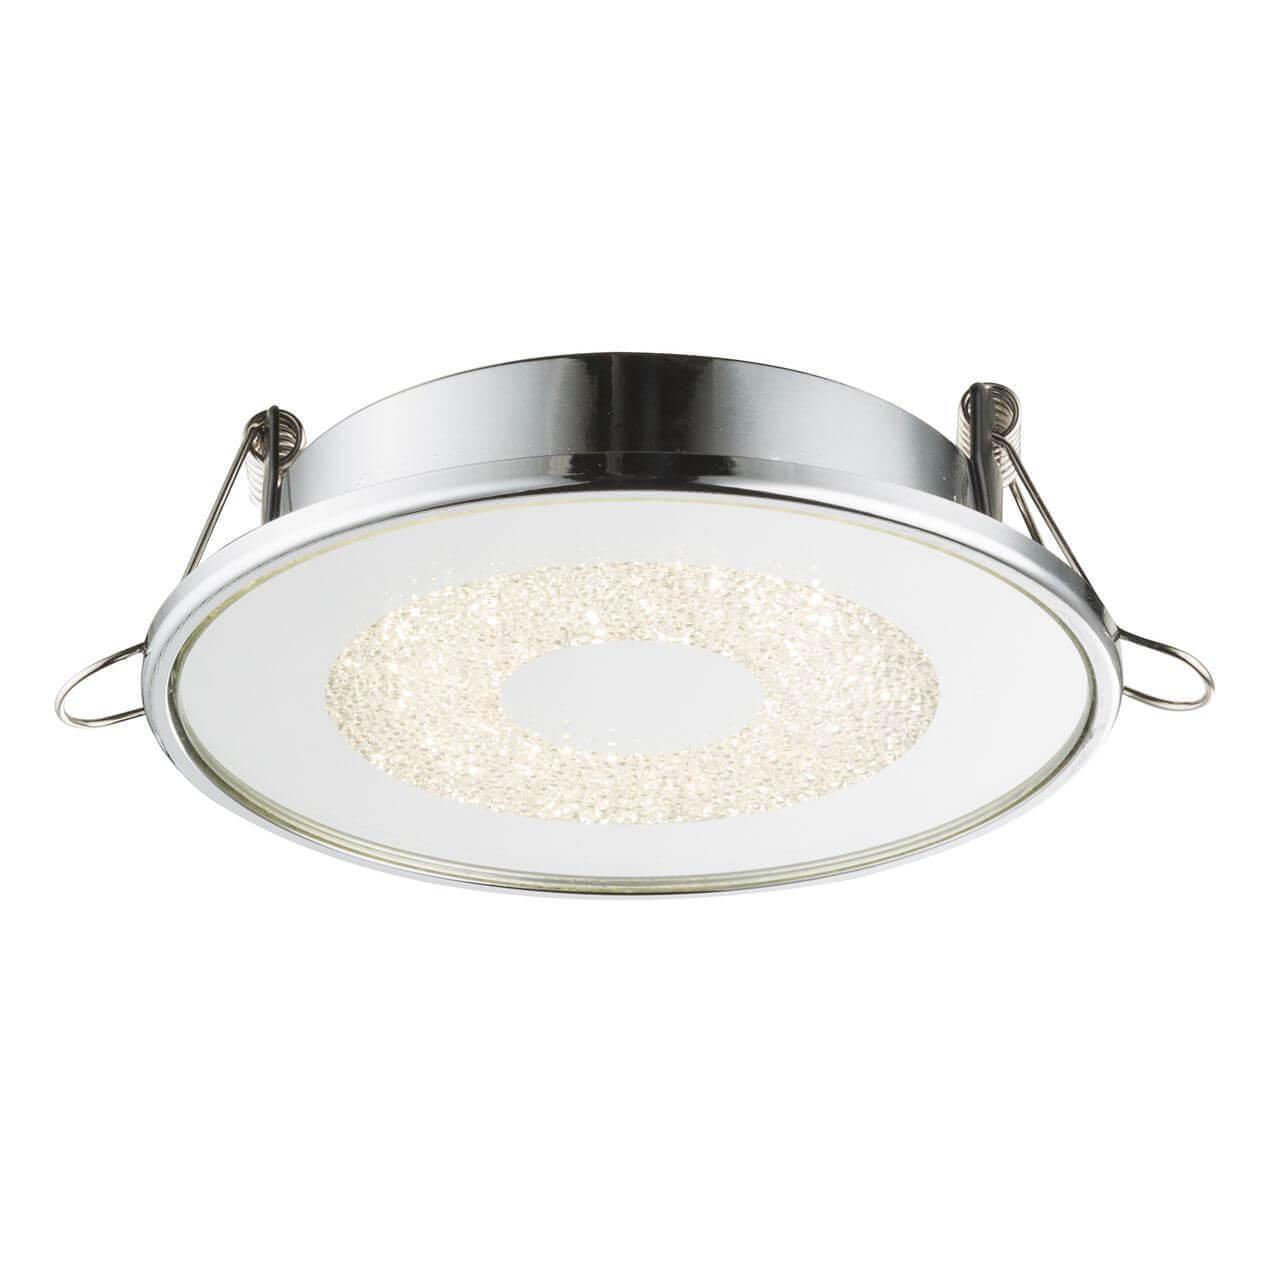 Встраиваемый светодиодный светильник Globo Manda 12006